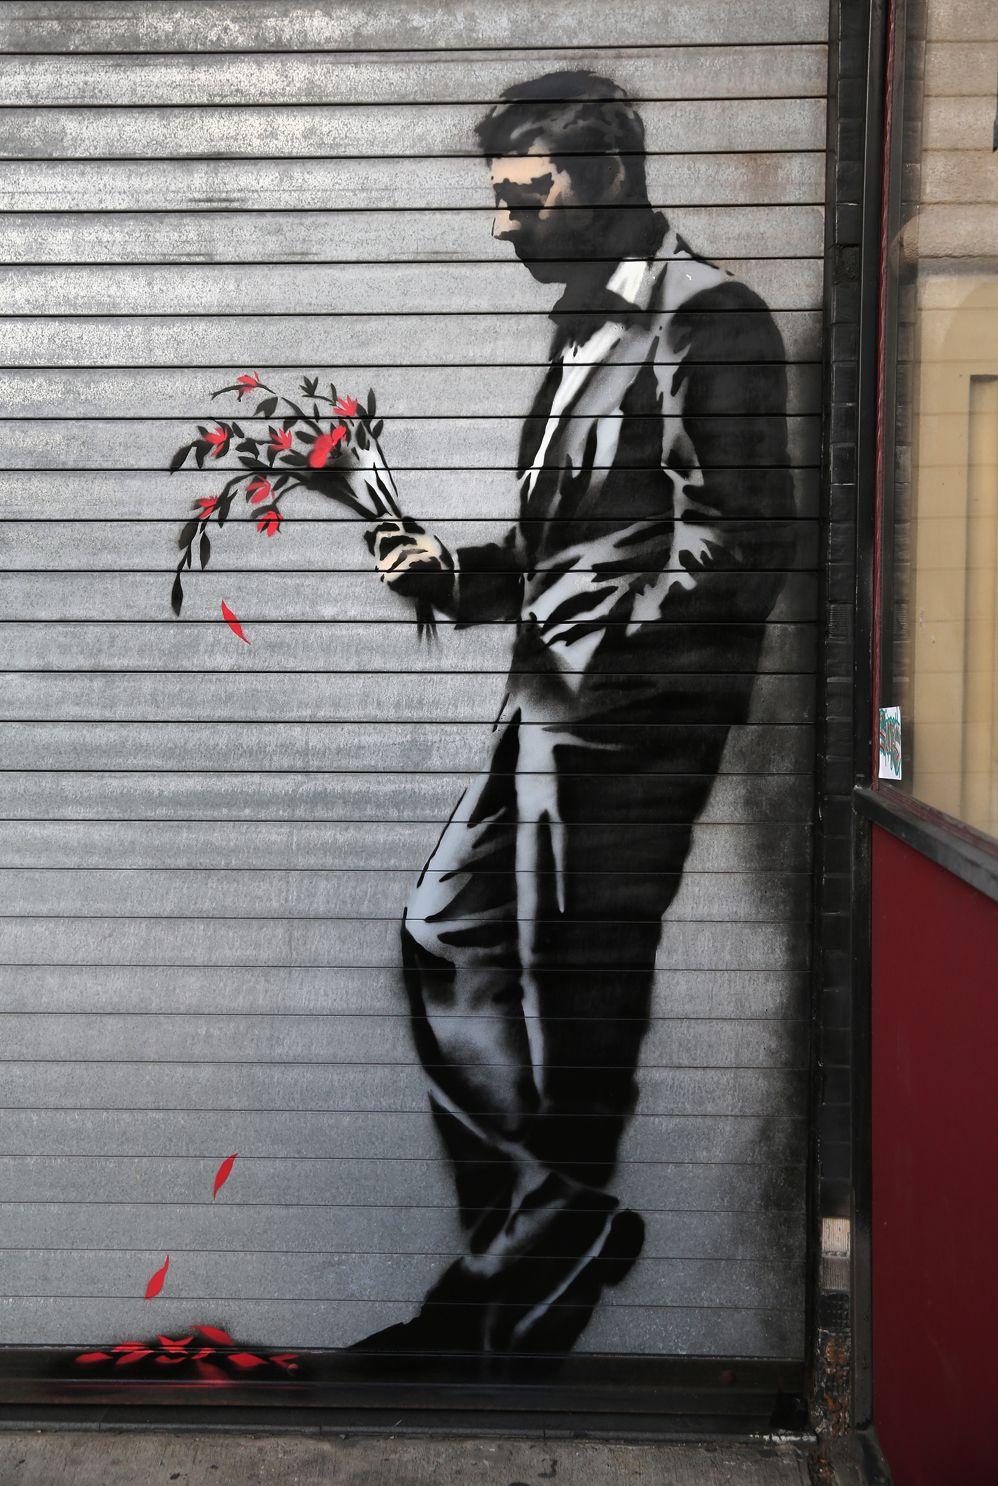 Who Is Banksy? | Street art banksy, Graffiti art, Art